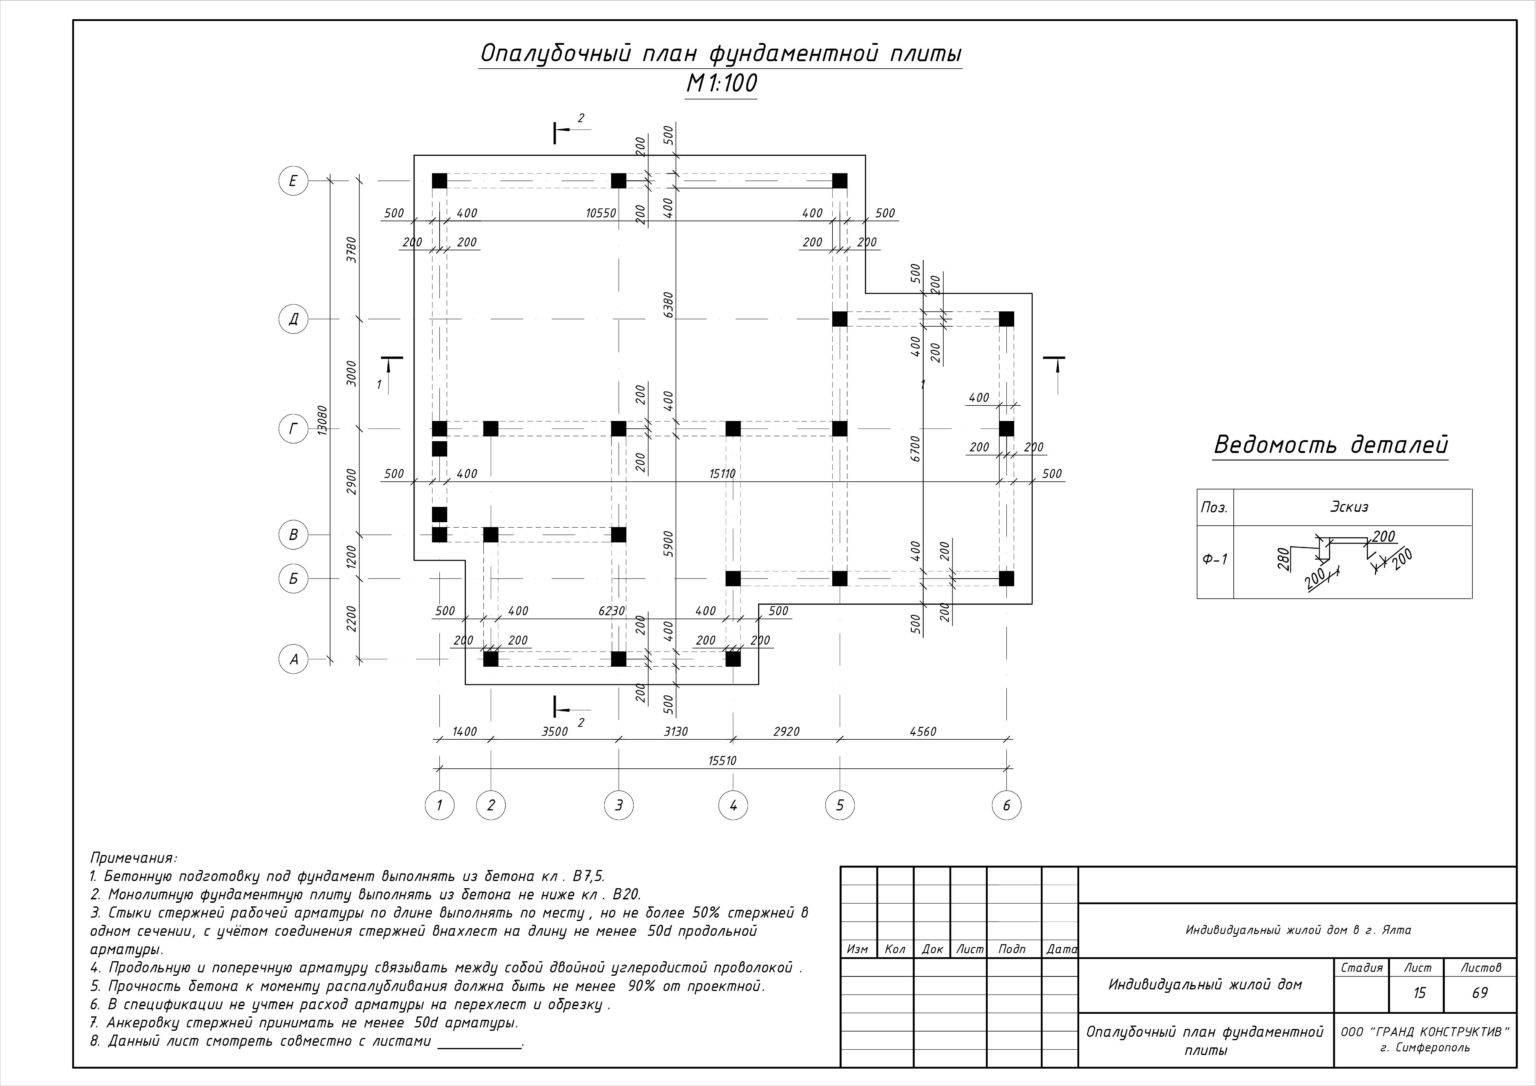 Фундамент плита — расчет толщины